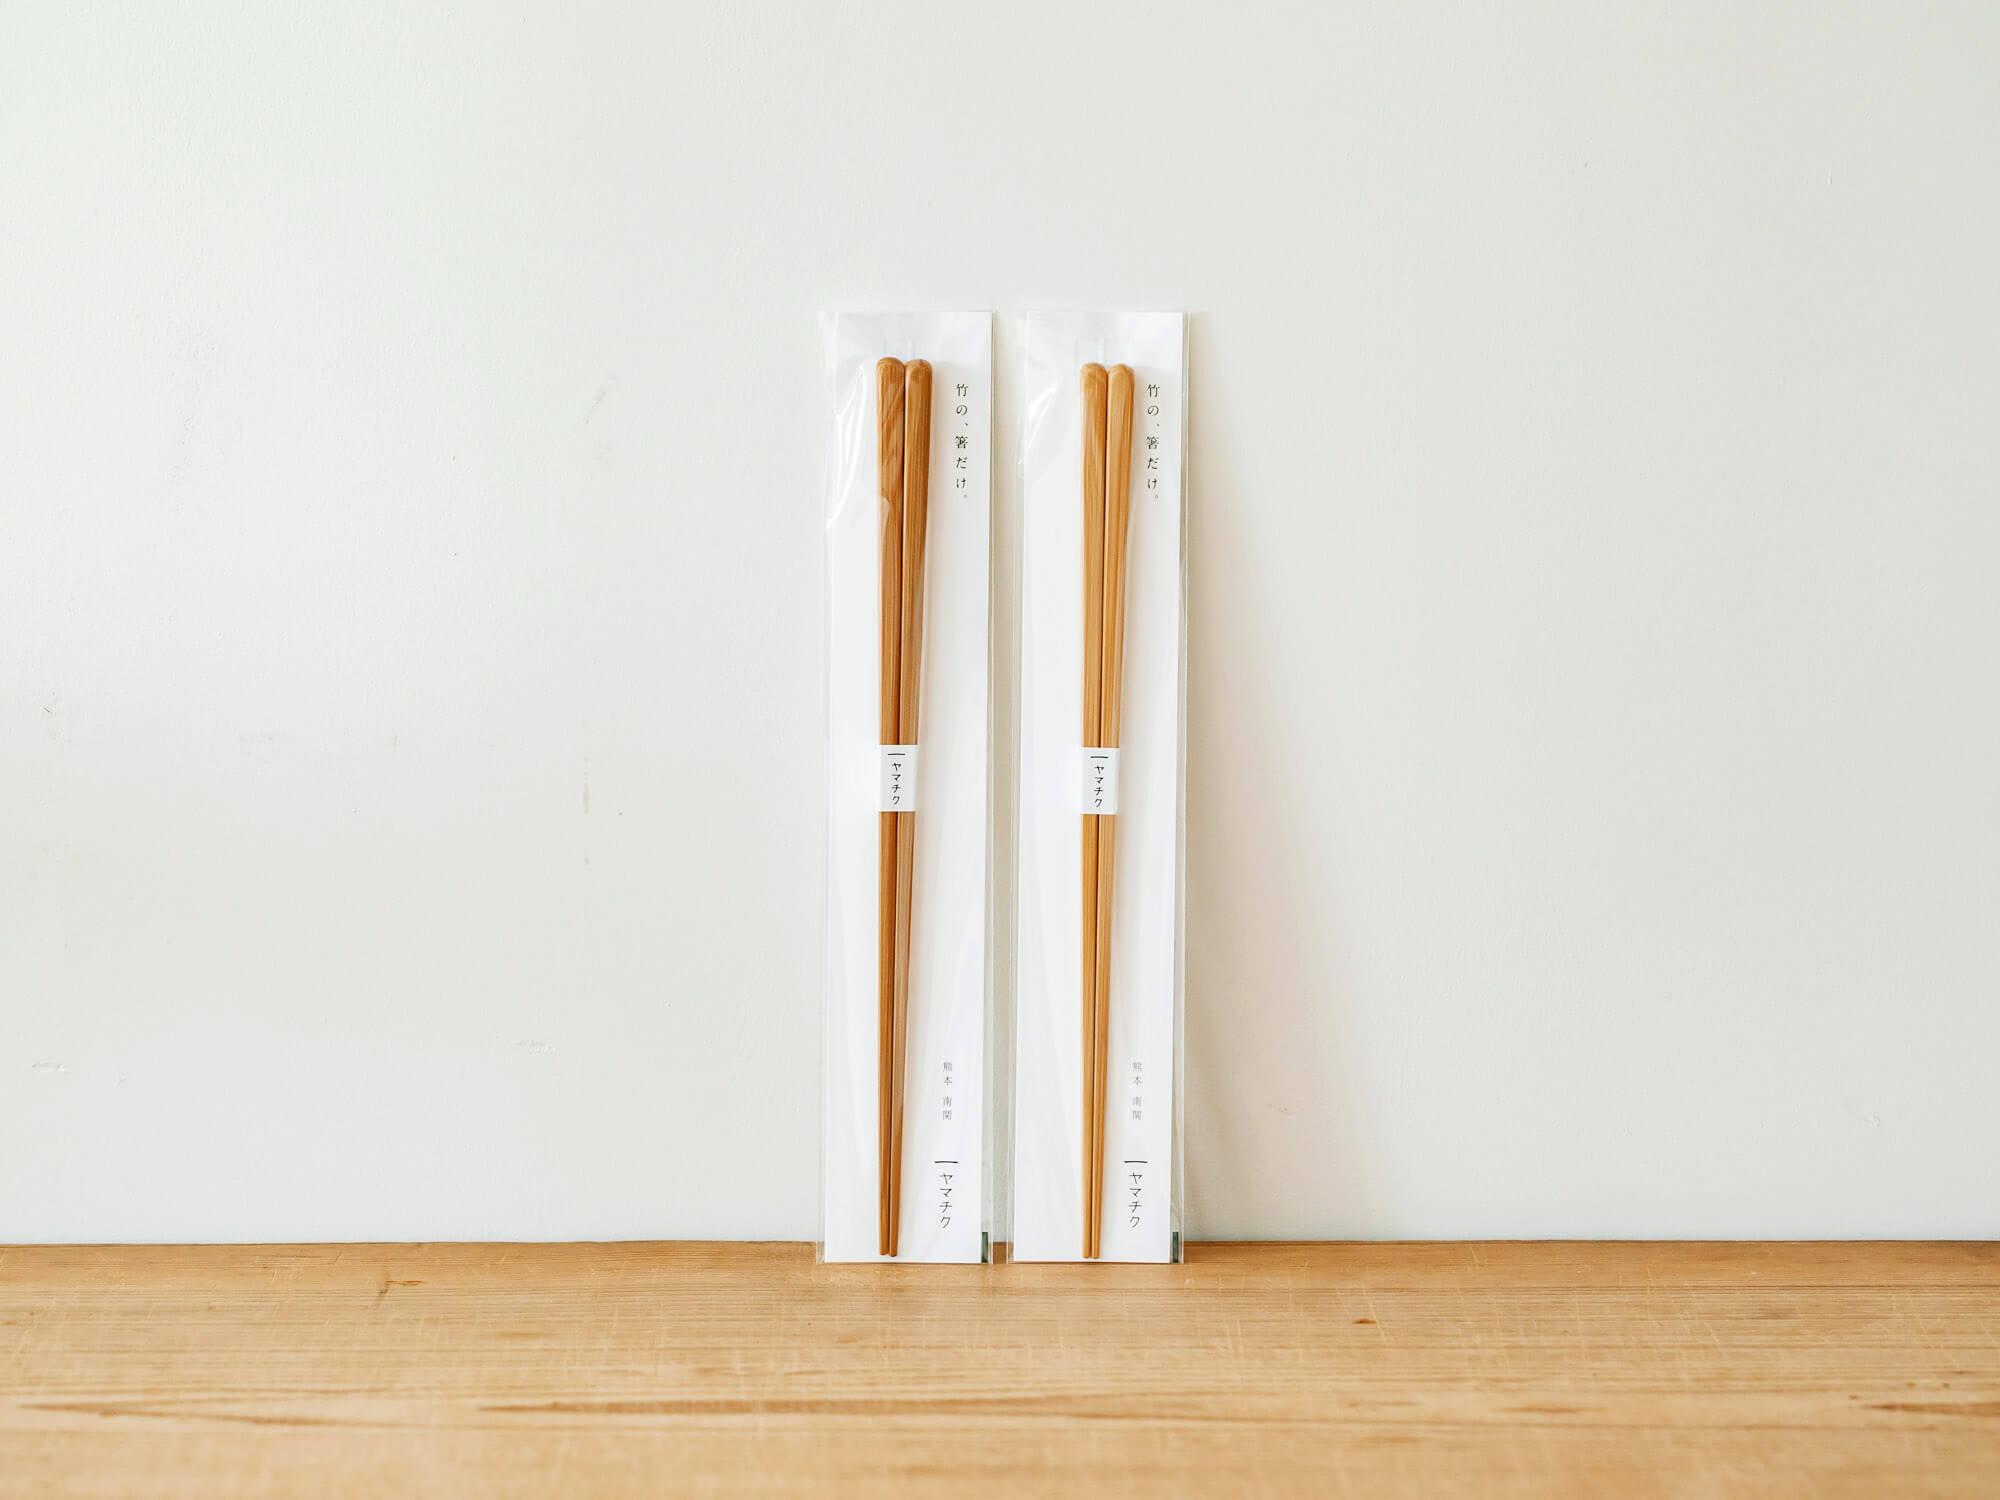 ヤマチク 竹箸 23cm(食洗機対応)